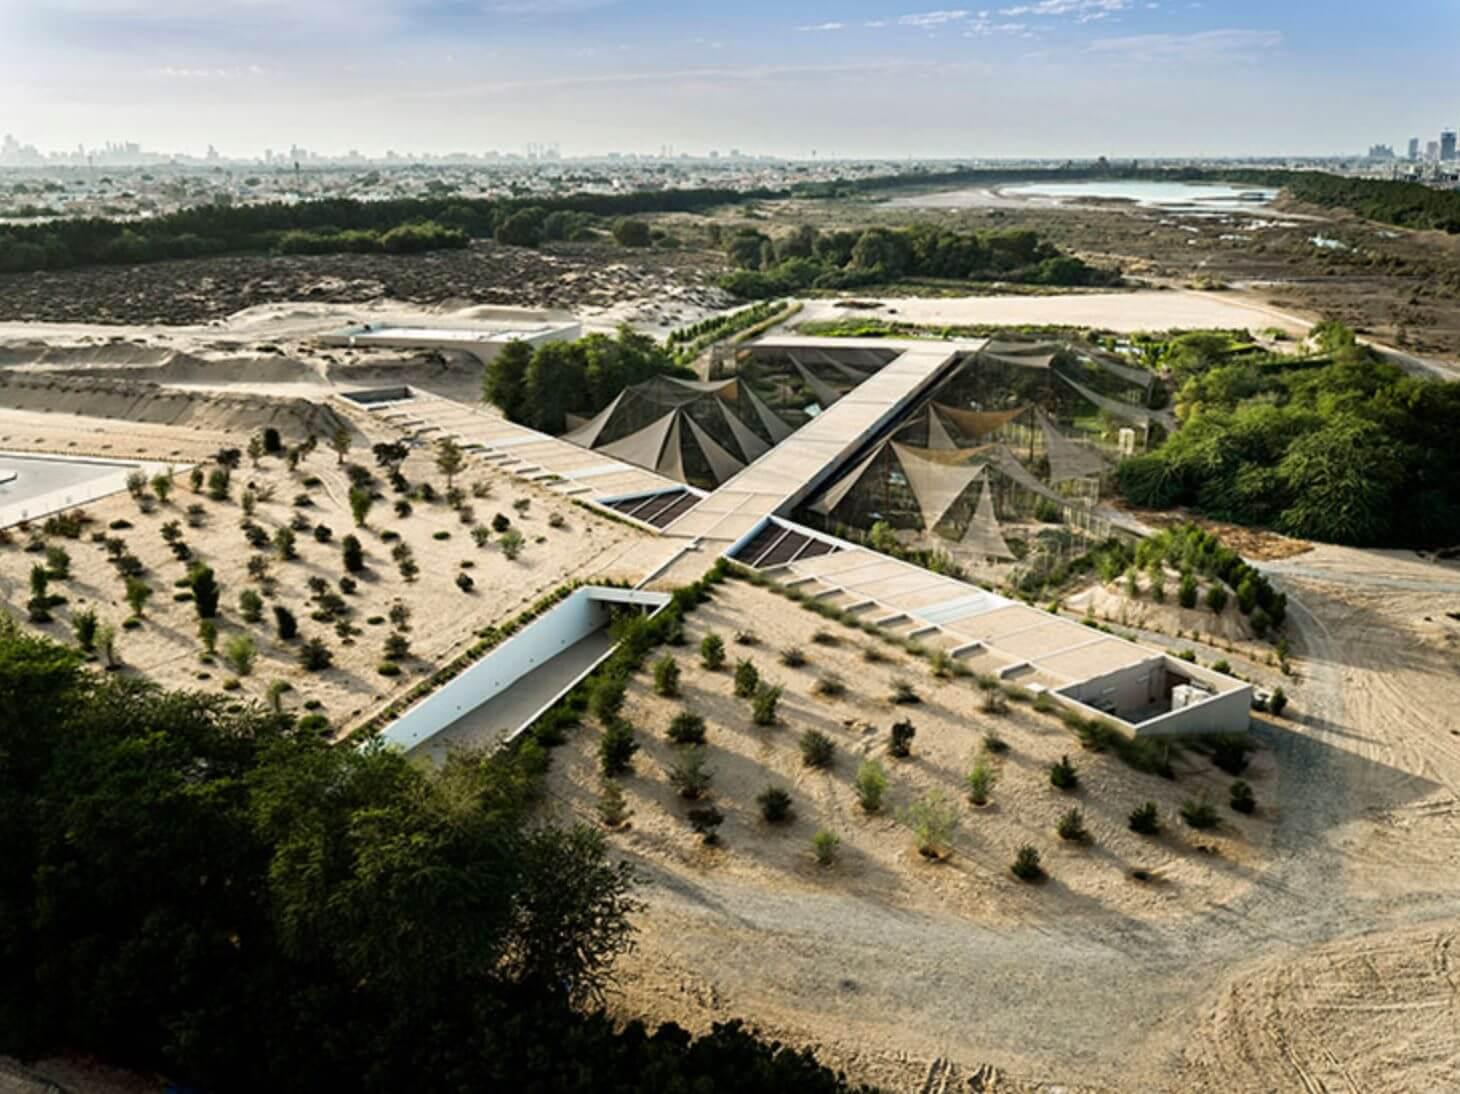 Vencedores dos Prémios Aga Khan de Arquitetura 2019